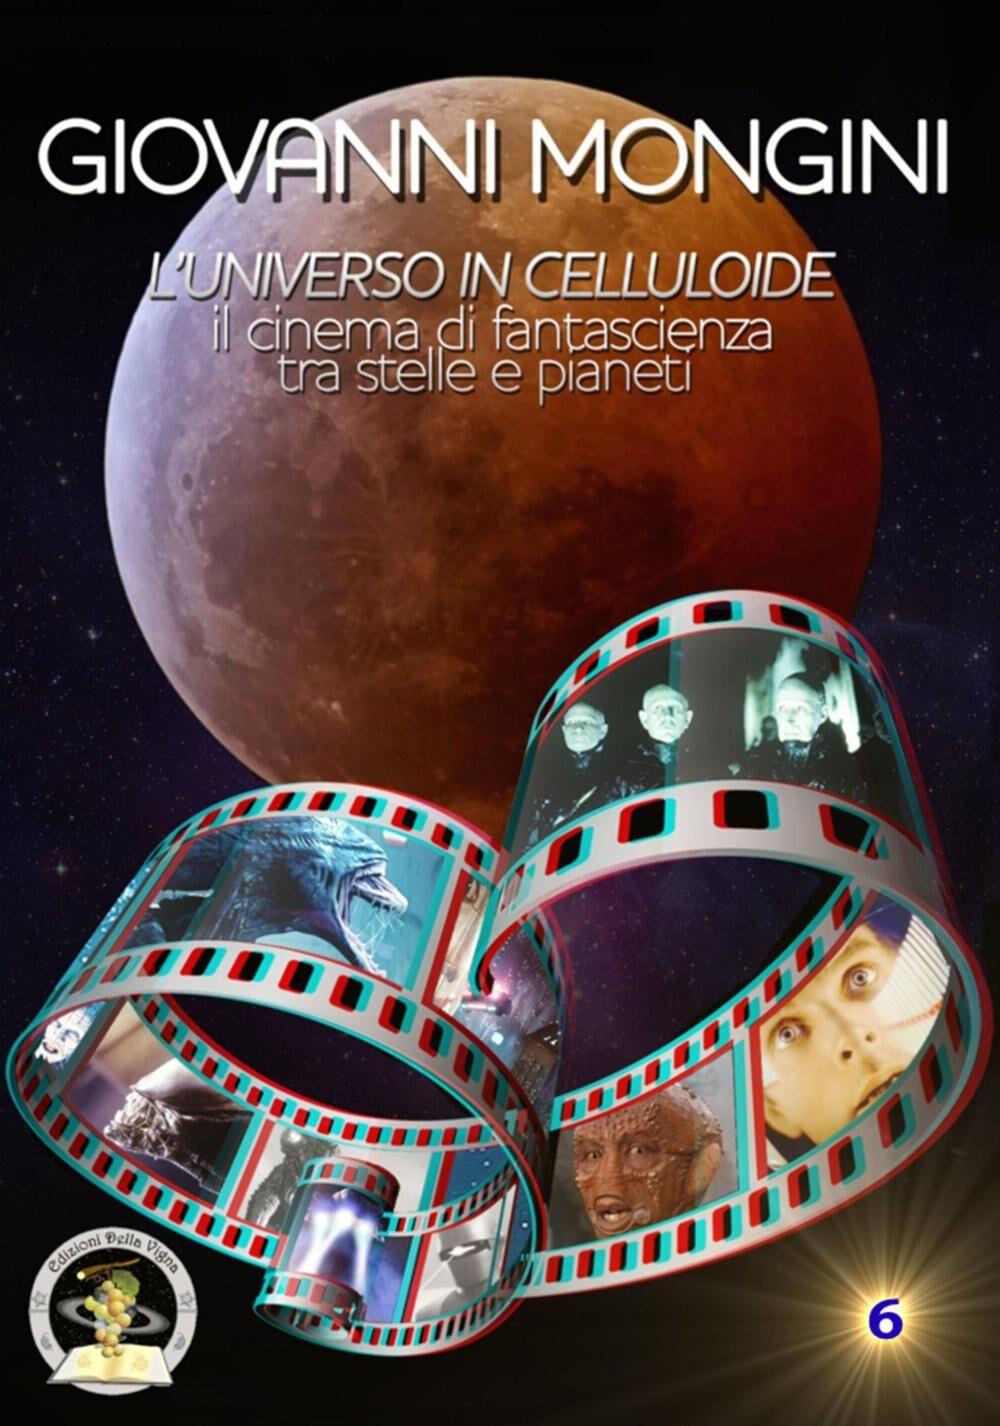 L' universo in celluloide tra scienza e fantasia. Il cinema di fantascienza tra stelle e pianeti